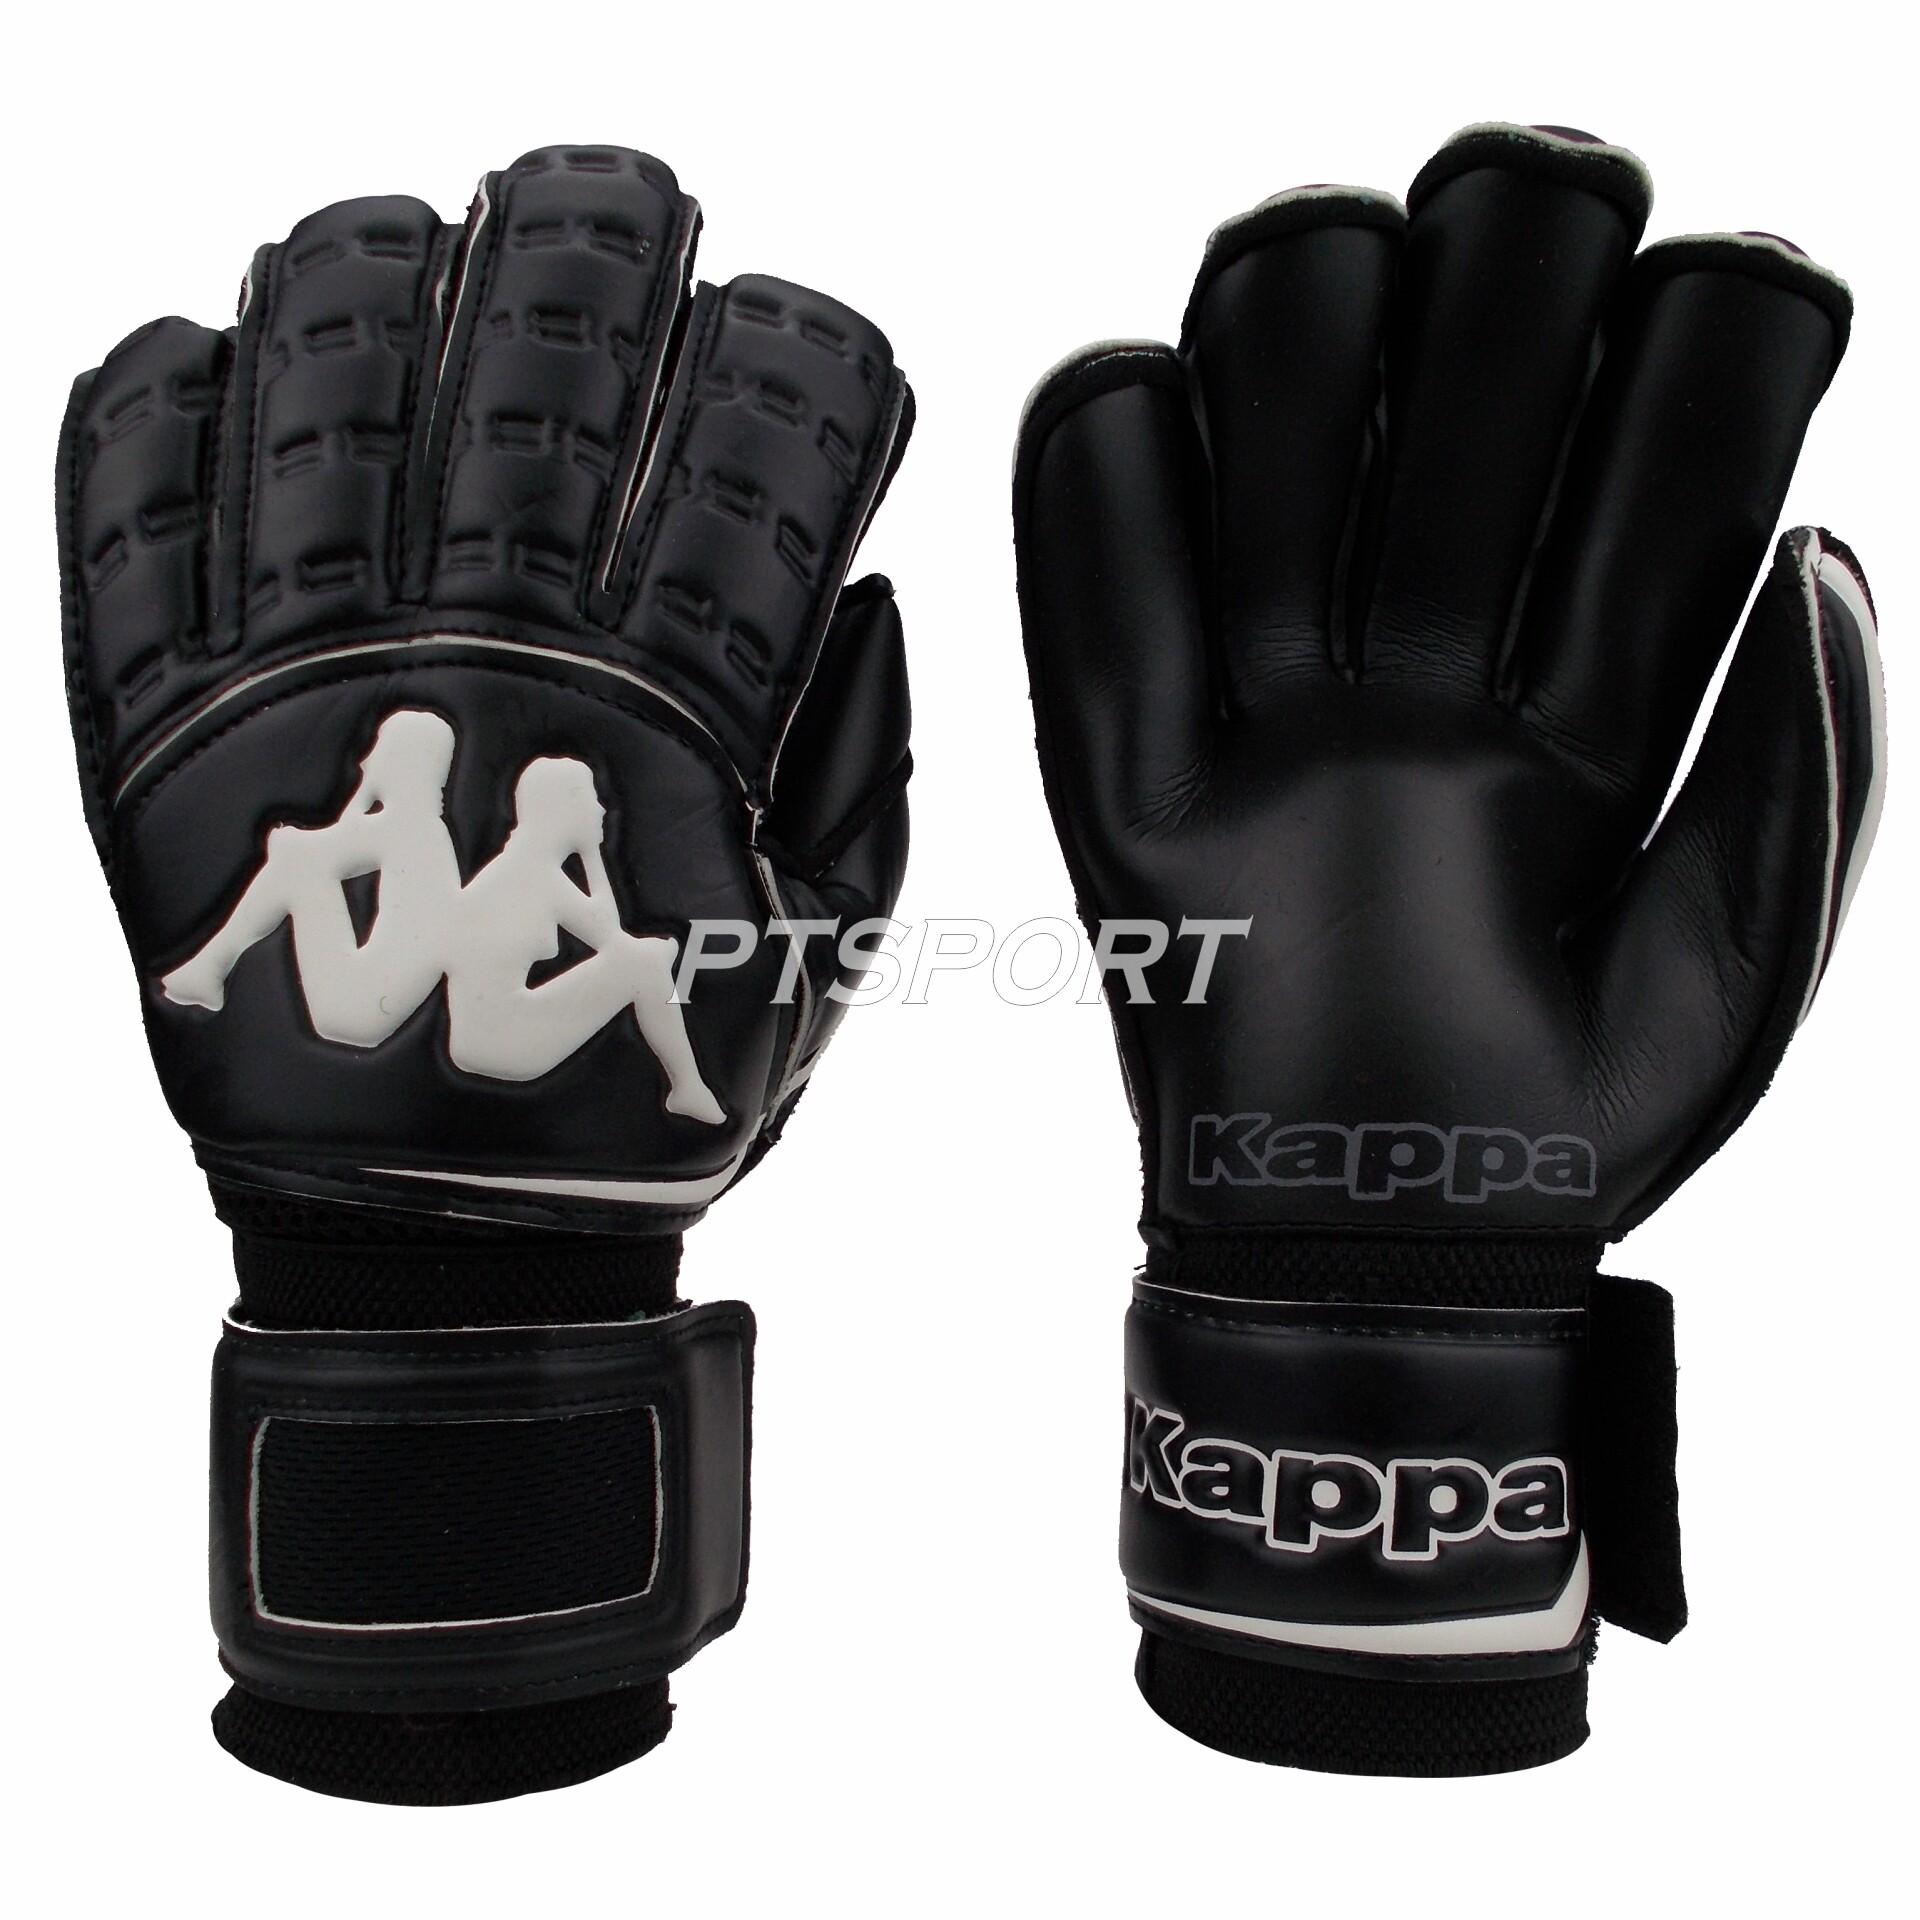 ถุงมือผู้รักษาประตู ถุงมือโกลว์ Kappa Gv-1512 มี Finger Save สีดำ.